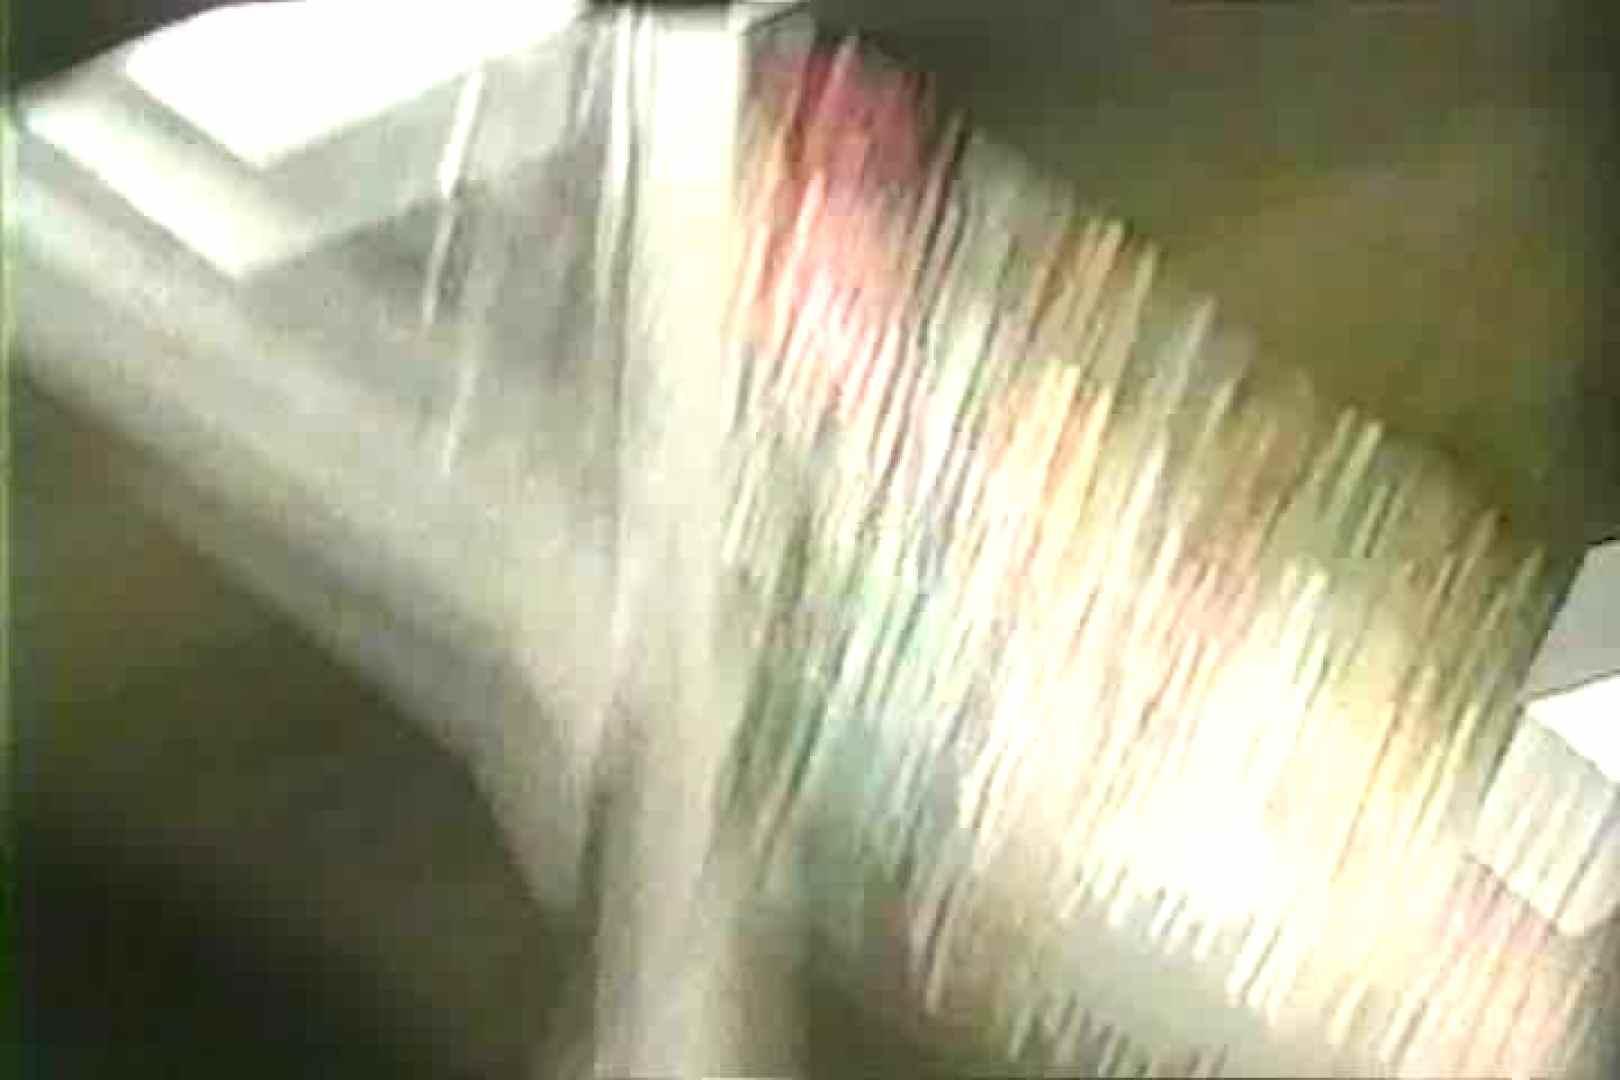 「ちくりん」さんのオリジナル未編集パンチラVol.9_02 美しいOLの裸体 セックス画像 77pic 29